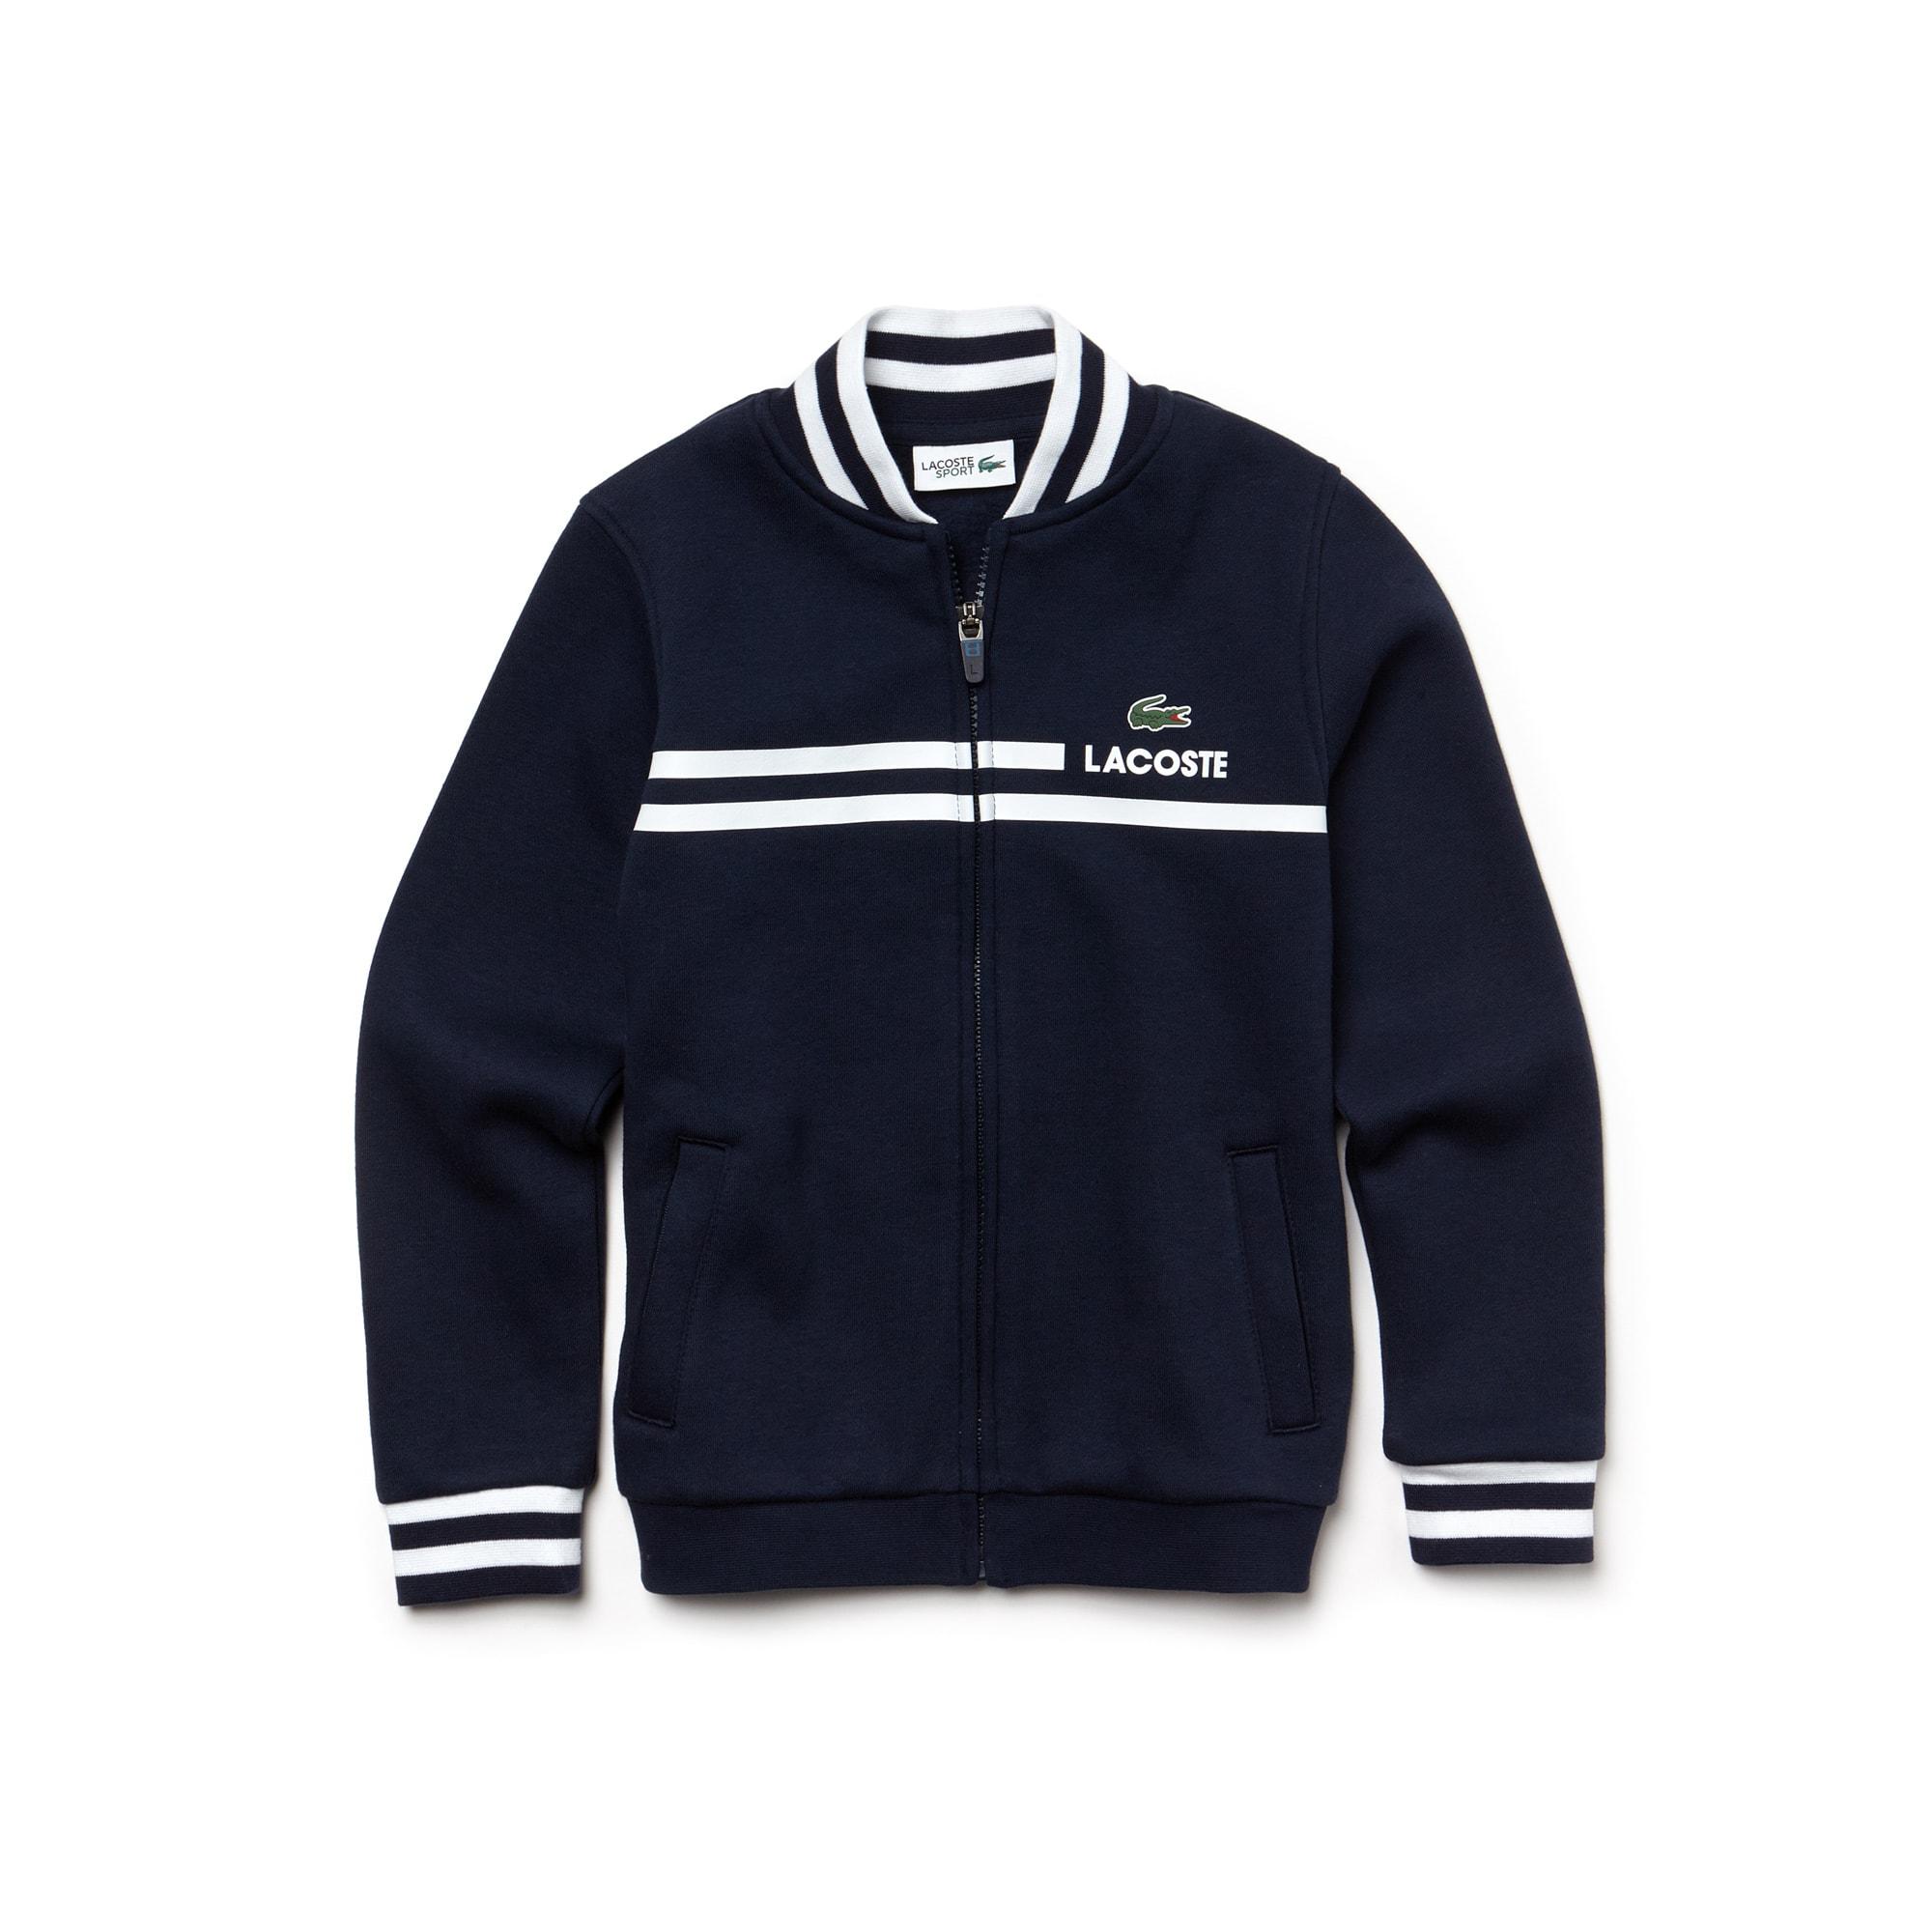 Jungen LACOSTE SPORT Tennis Sweatshirt aus Fleece